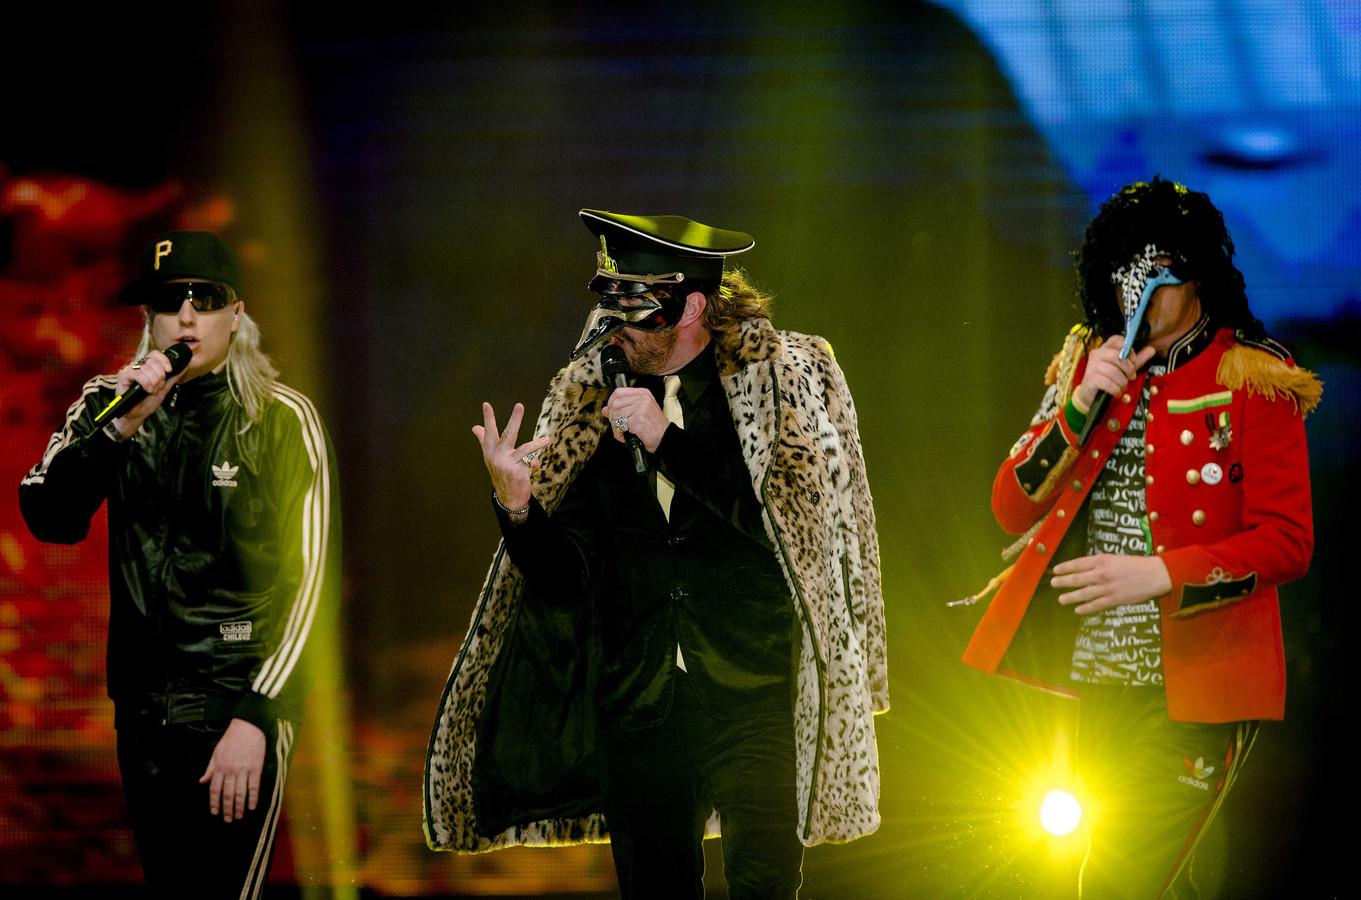 De Kraaien tijdens een optreden in 2013.